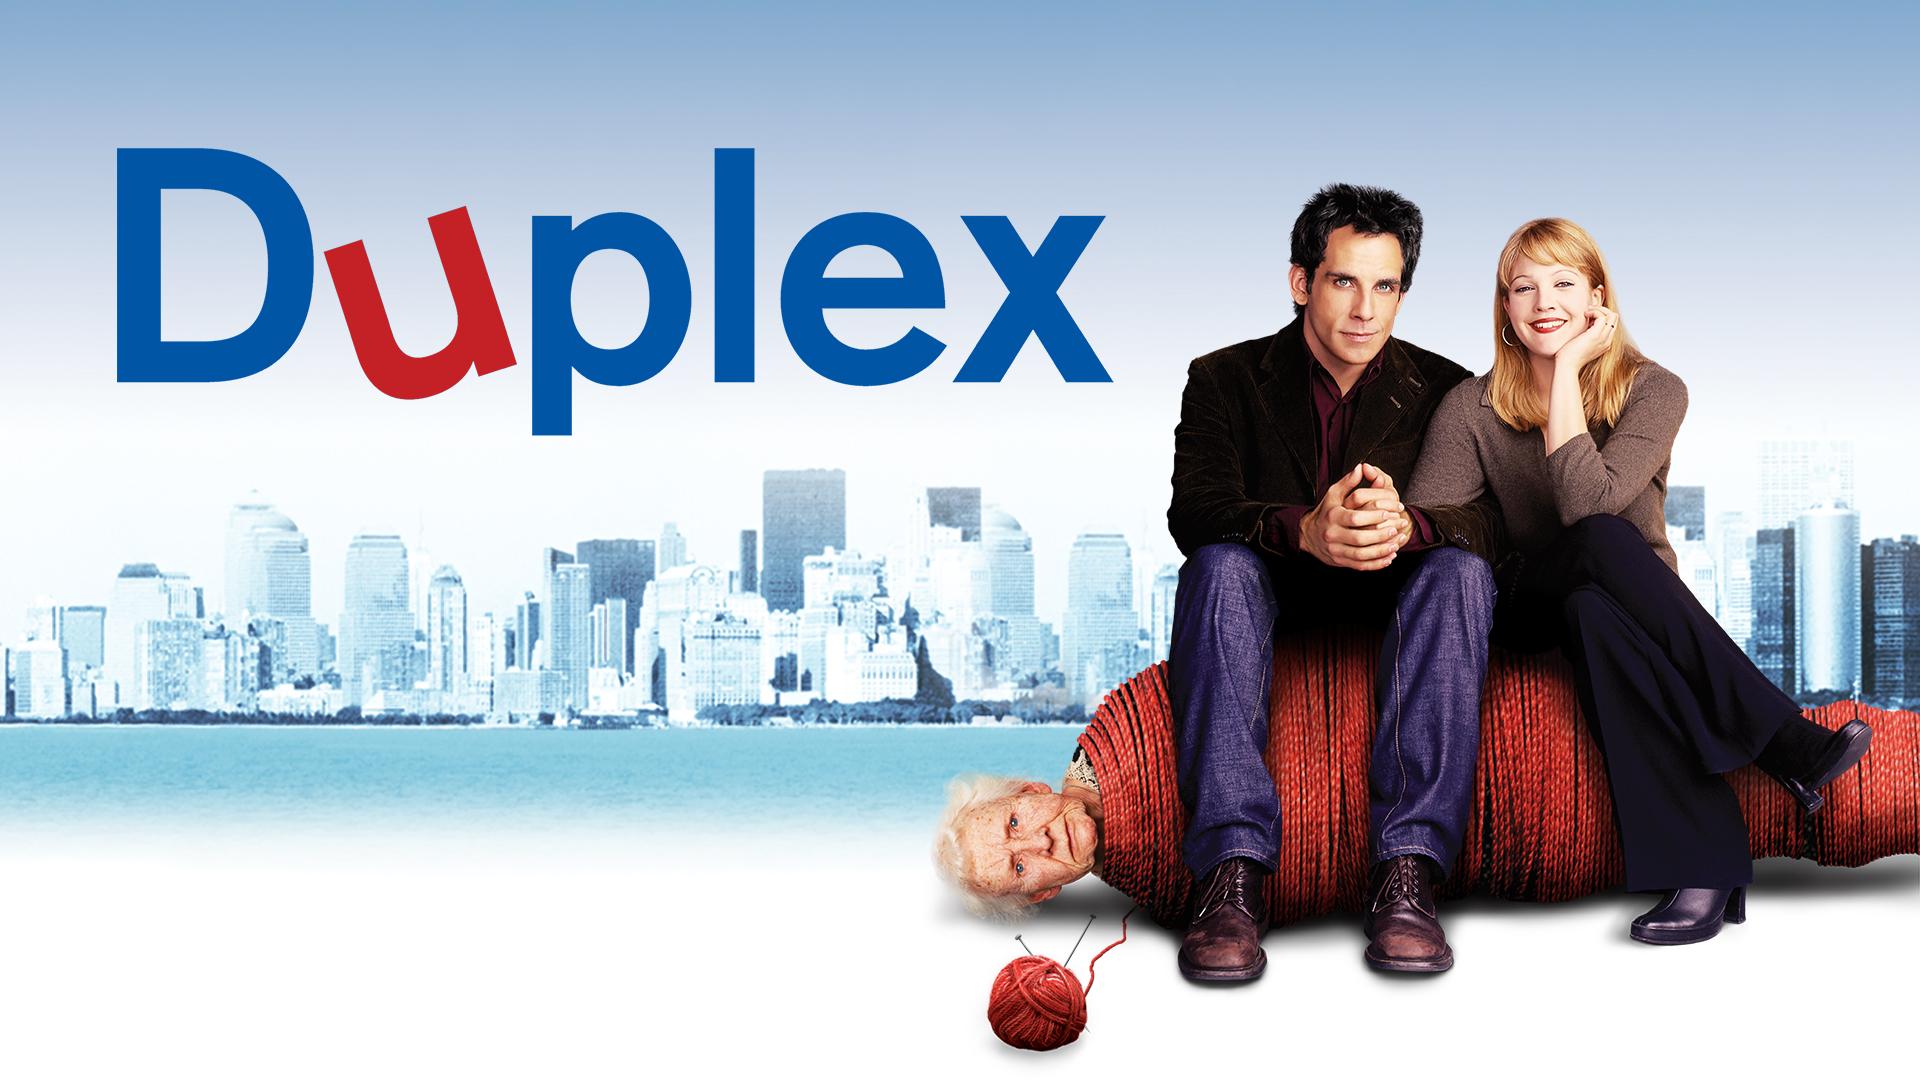 Duplex - Official Trailer (HD)